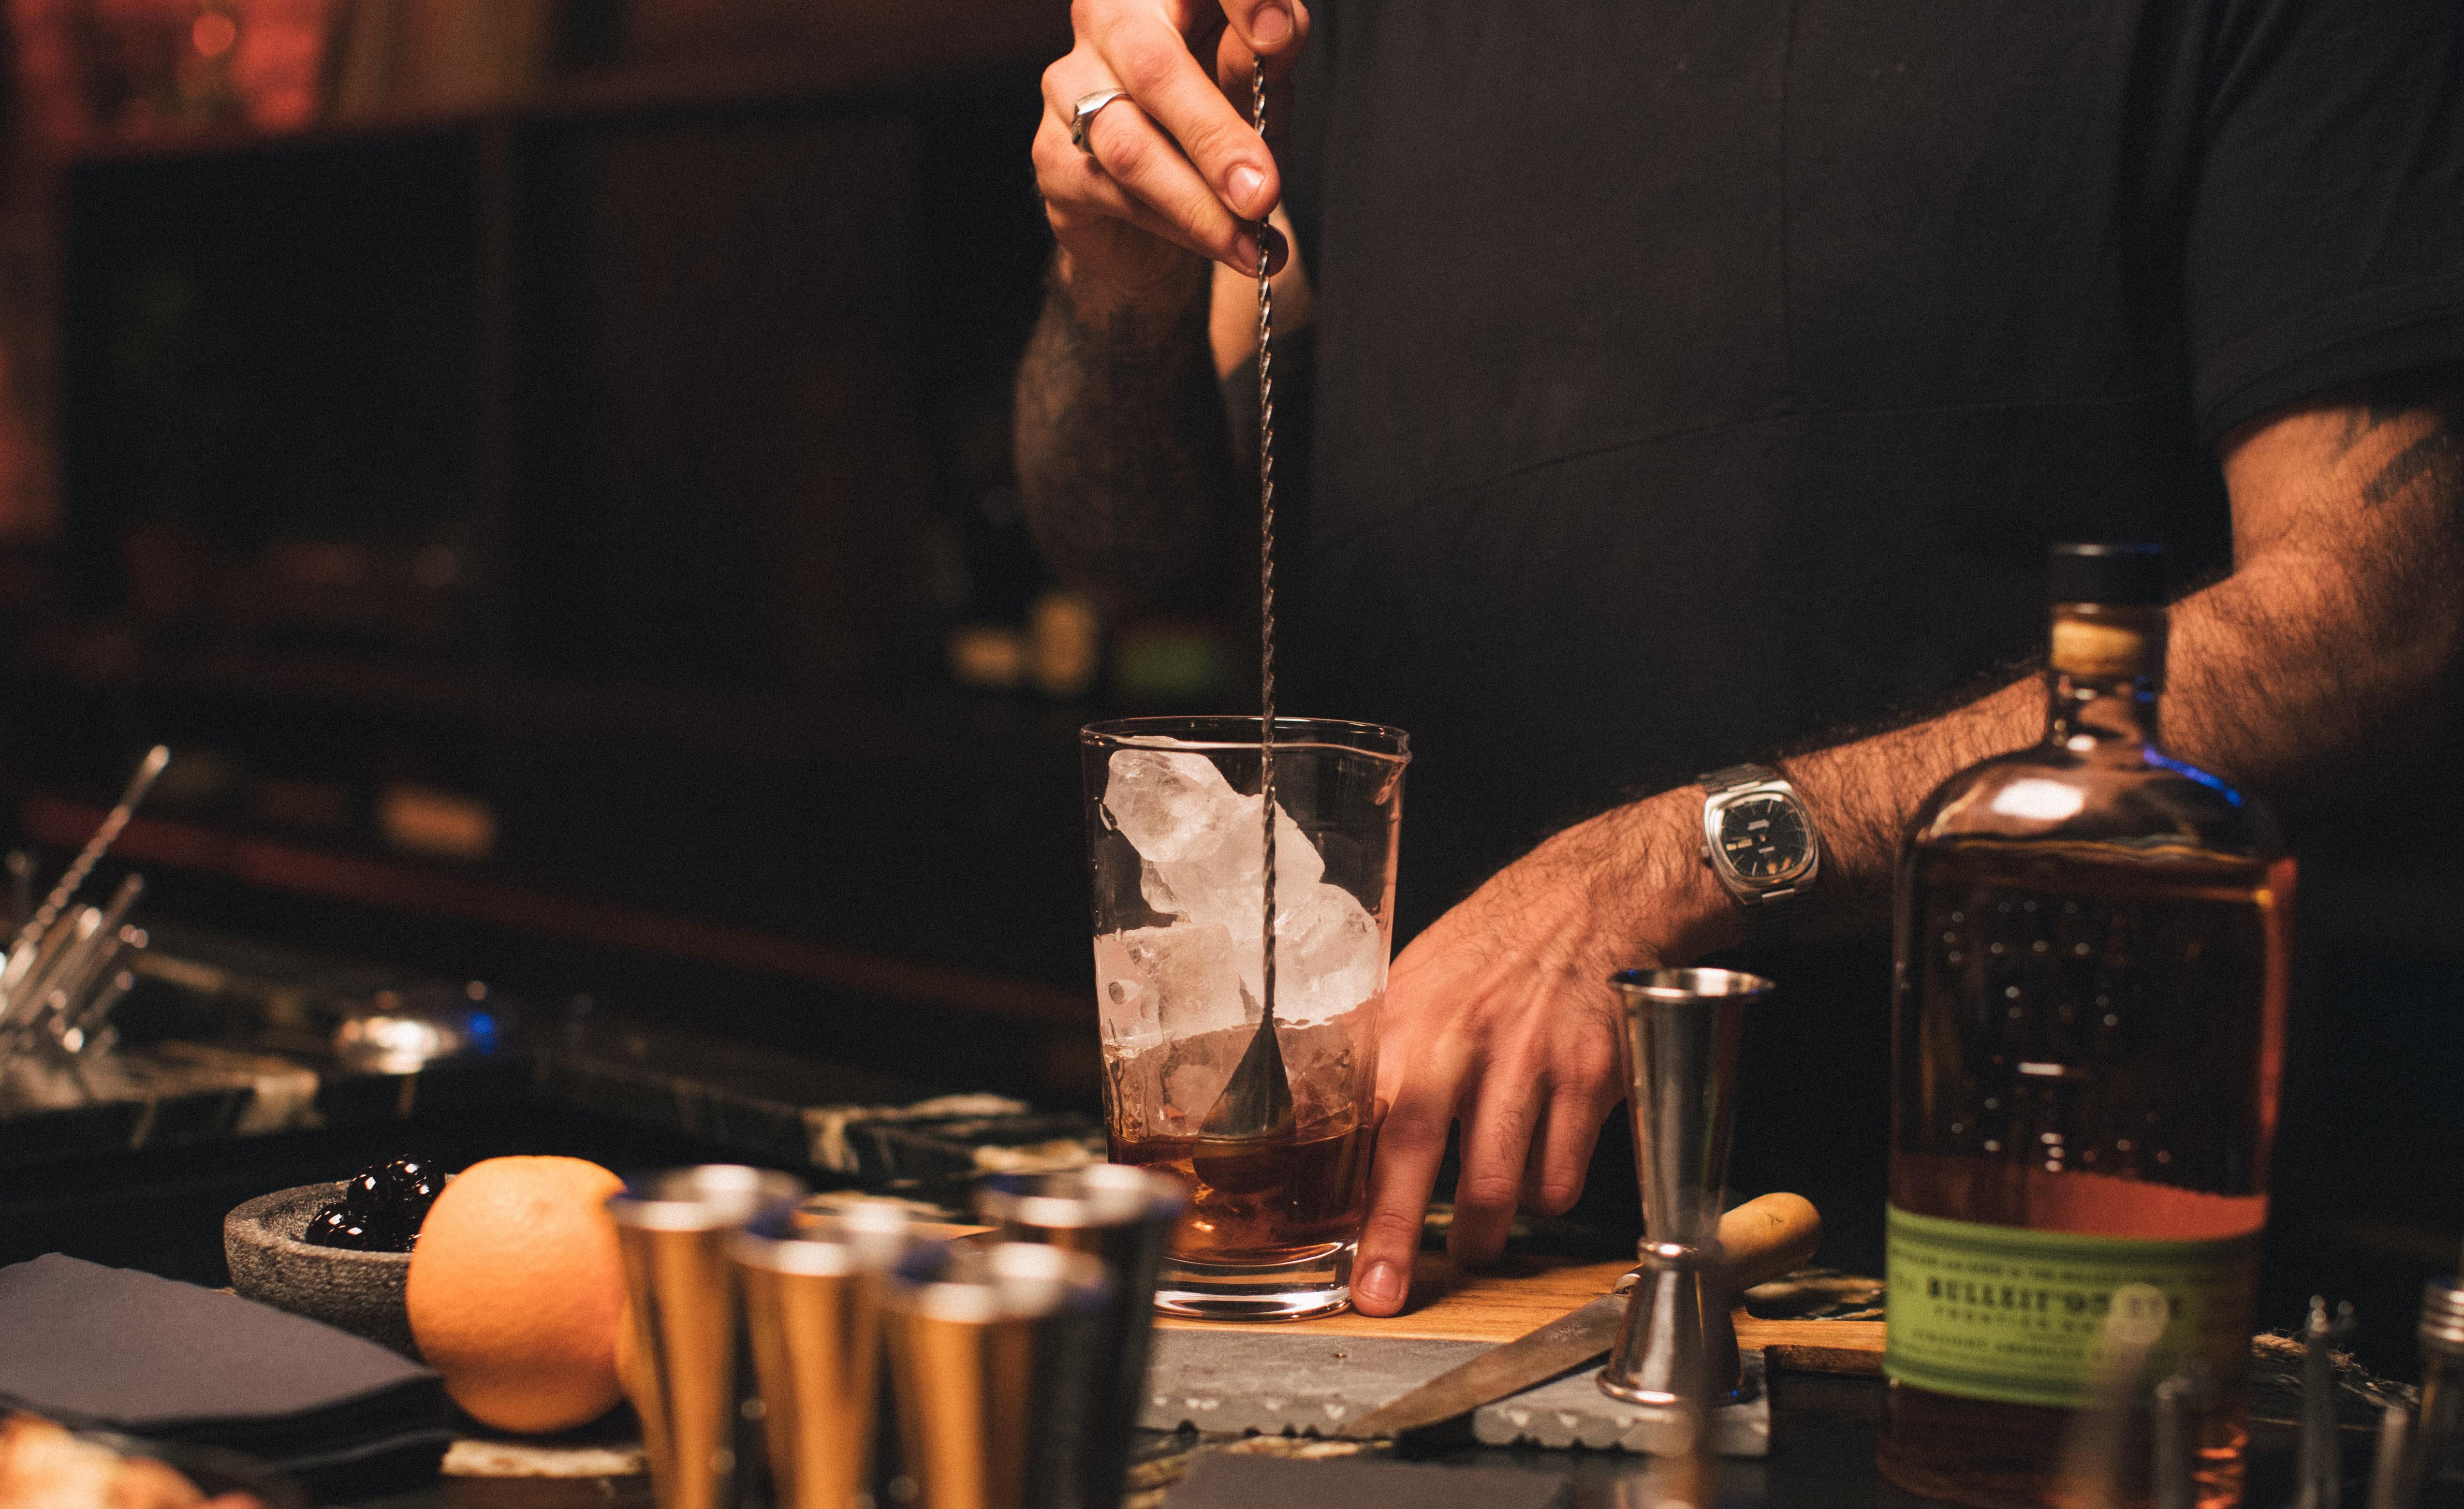 ¿Amante de los cocteles? el Cocktail Week México es para ti